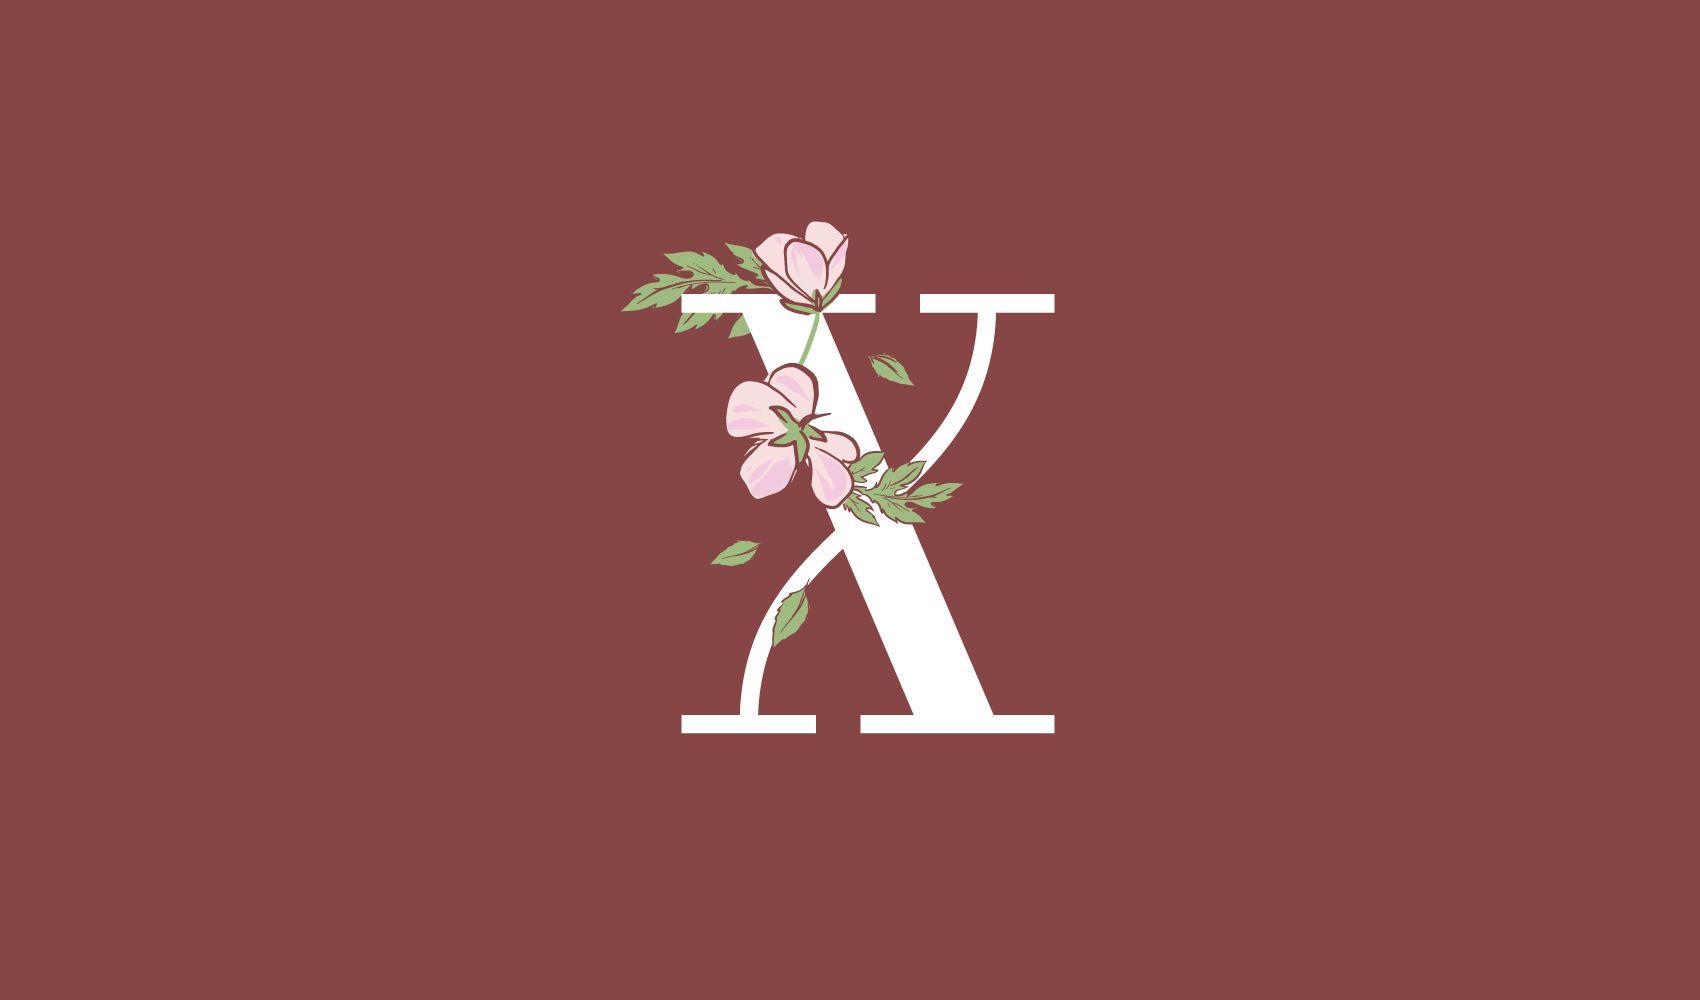 Plantilla de logotipo floral letra x